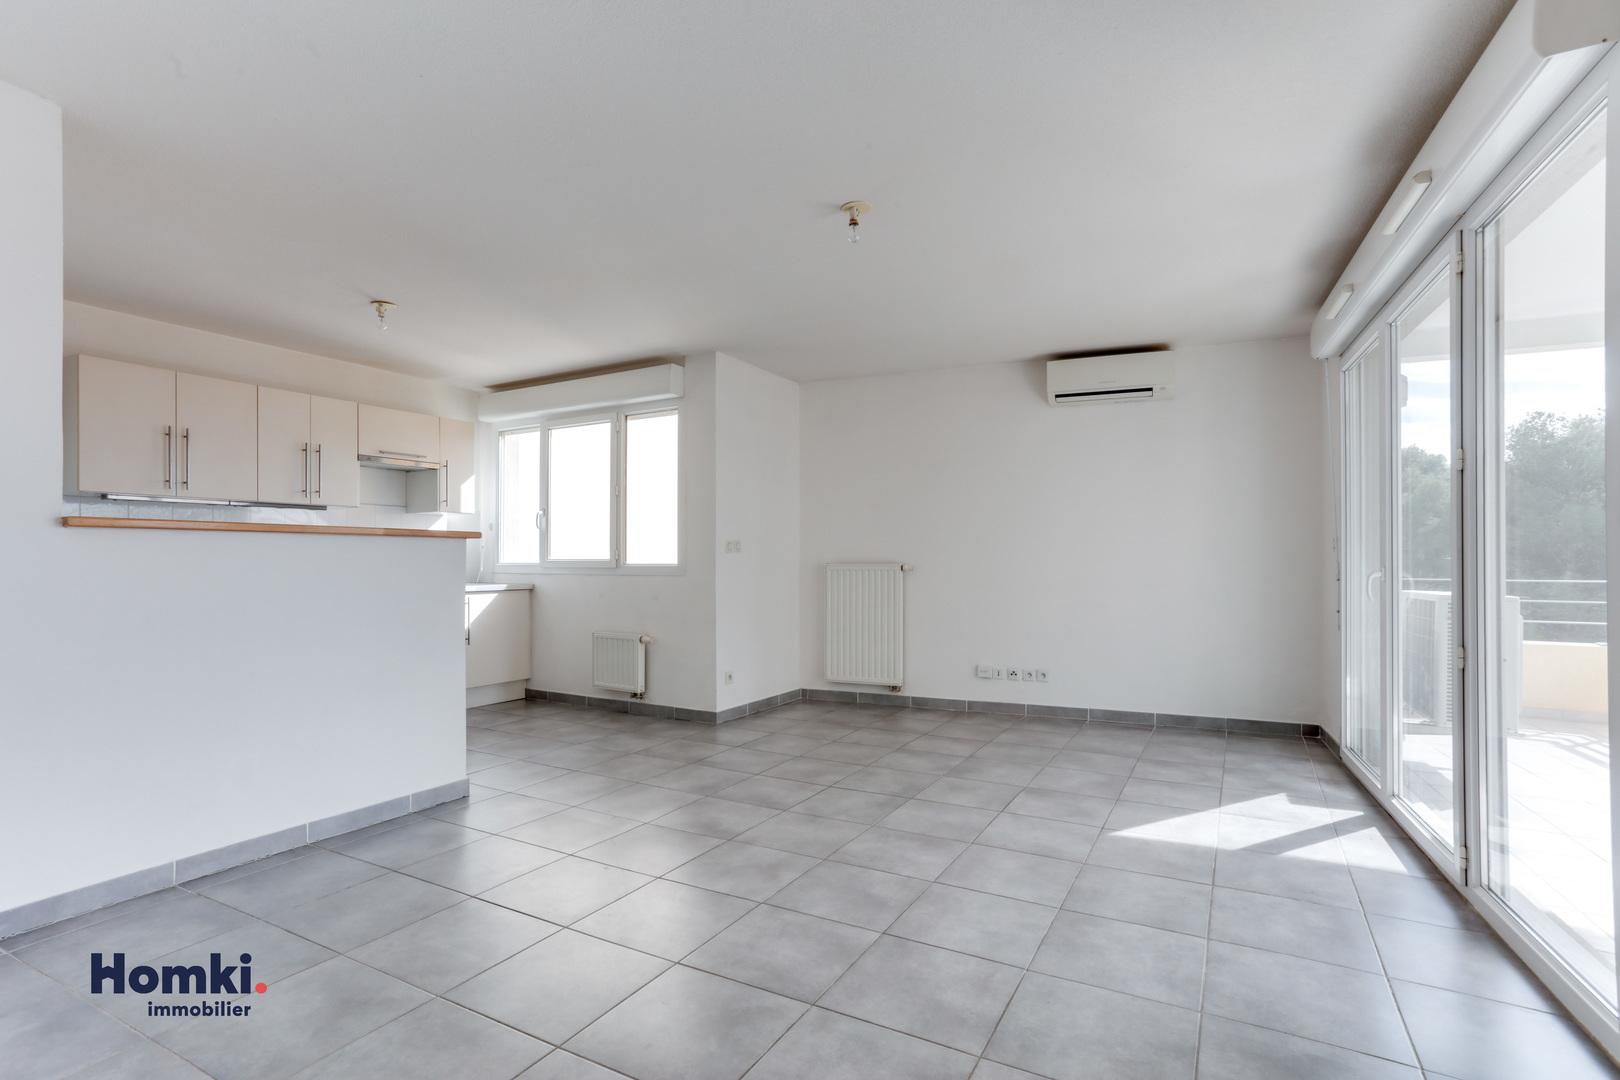 Vente Appartement 69 m² T3 34000_2